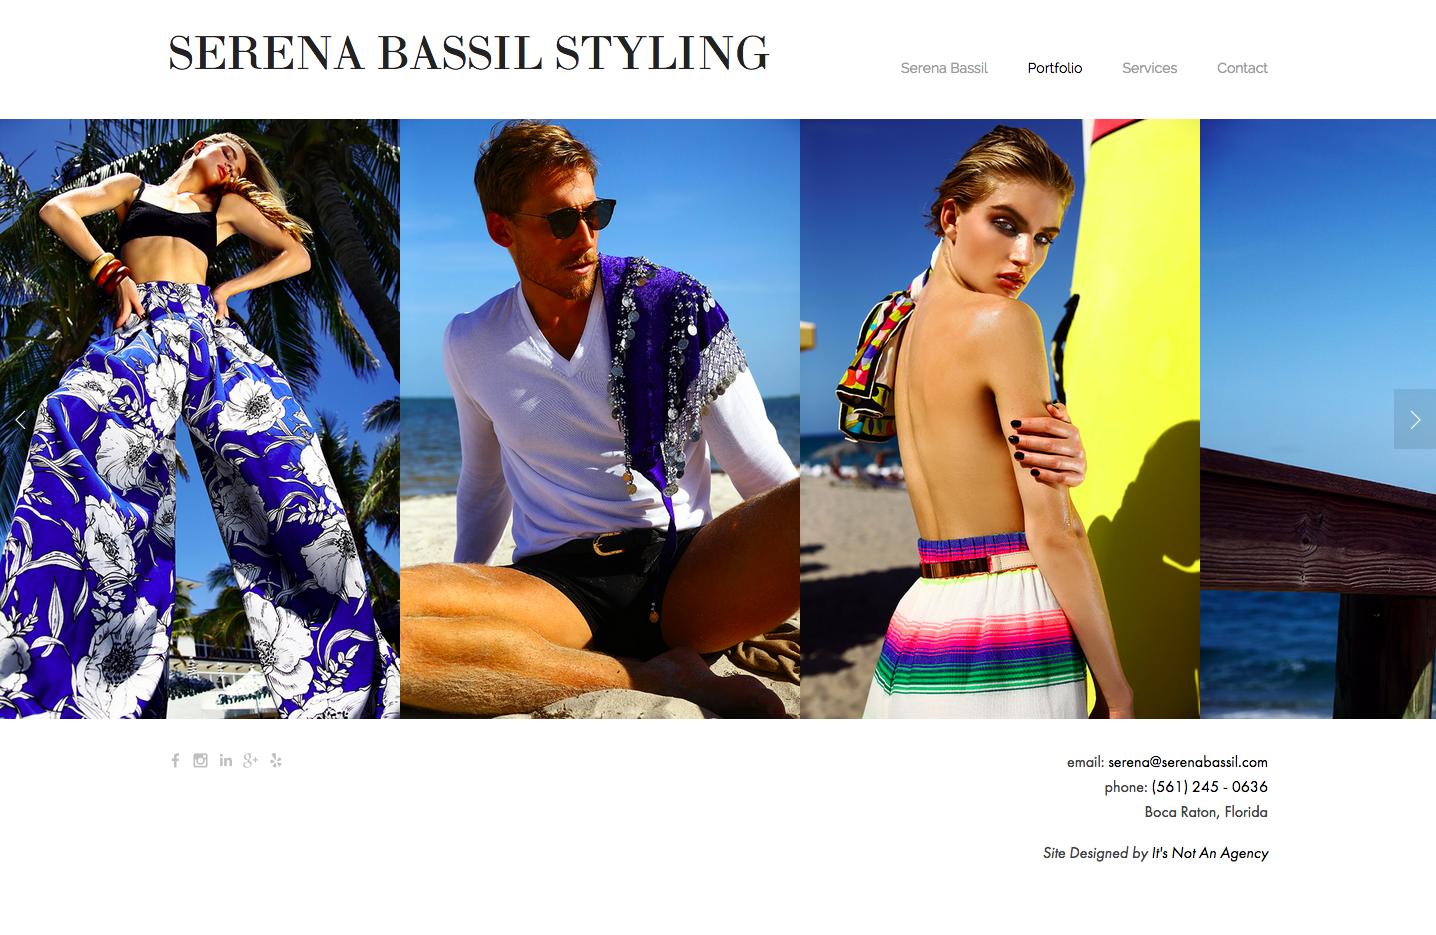 Fashion Website Design_Serena Bassil4.png